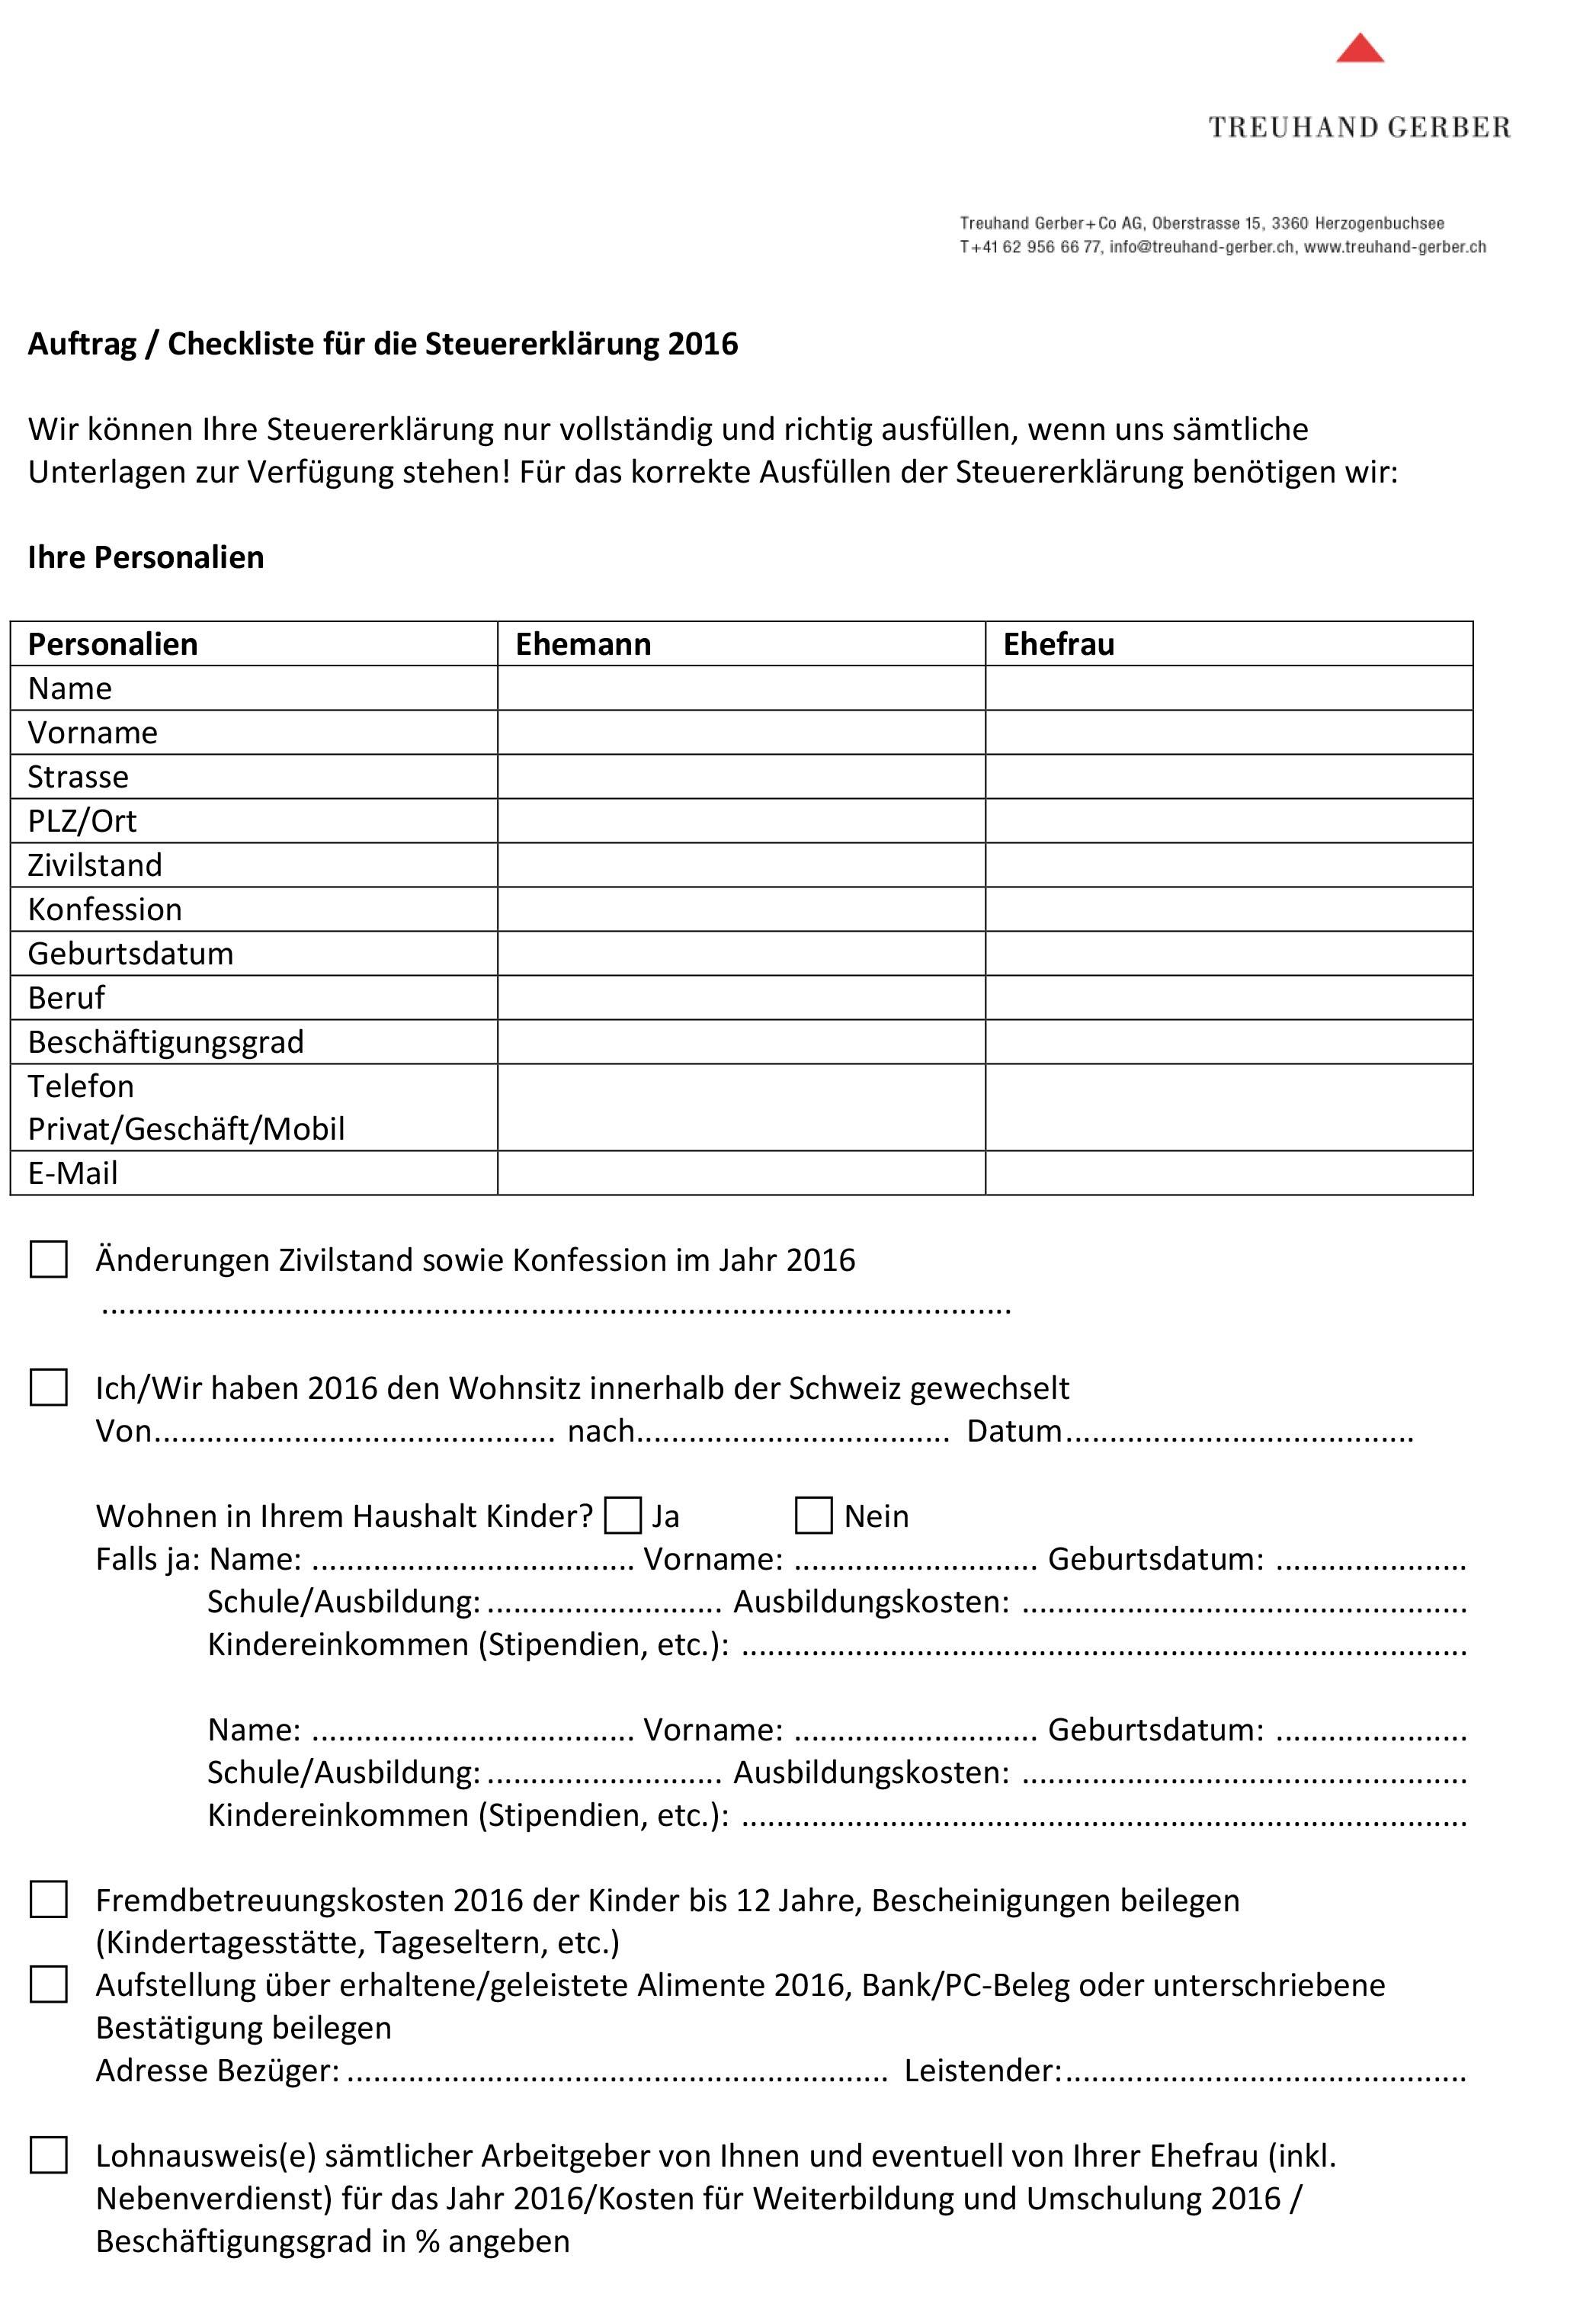 Merkblatt / Checkliste für die Steuererklärung   Download PDF